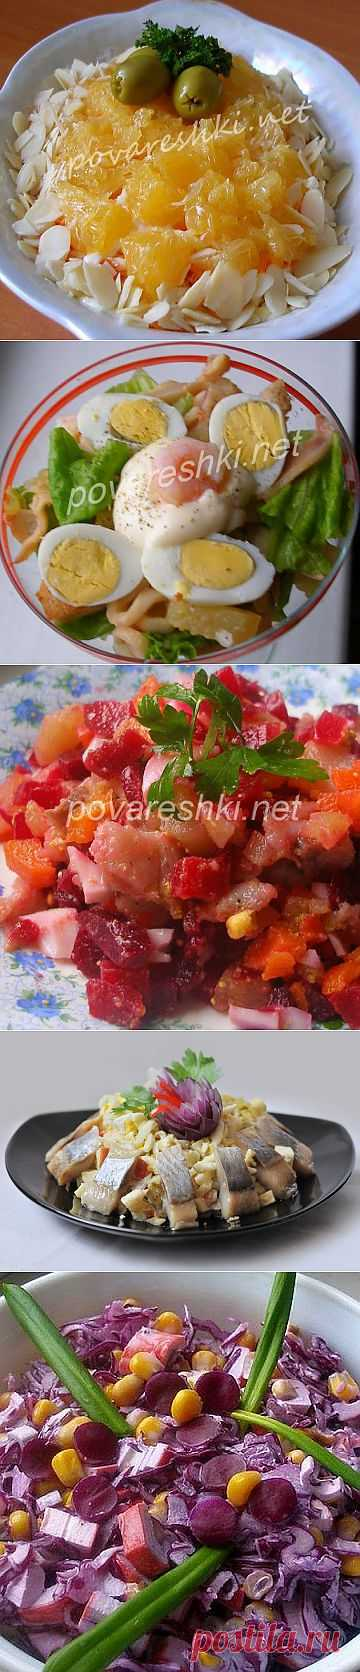 Салаты рыбные и с морепродуктами